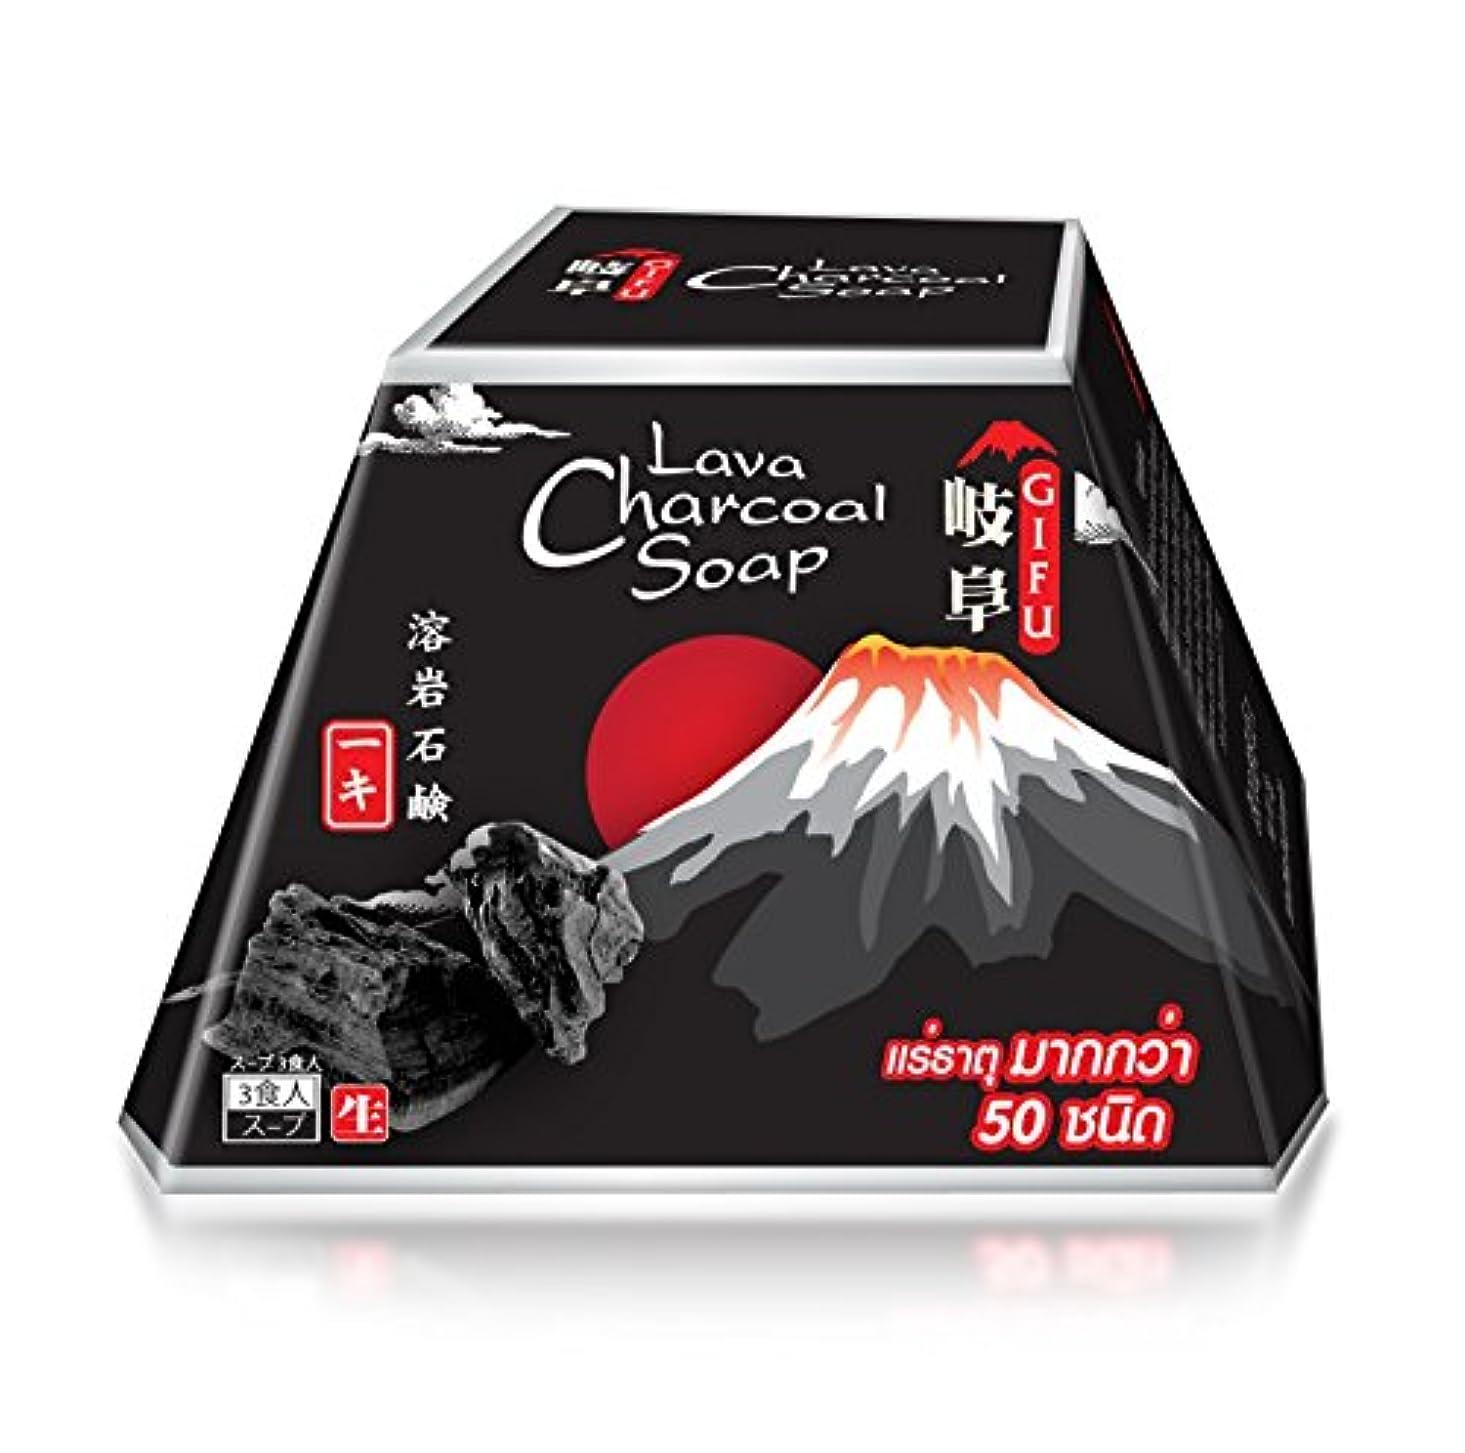 終わった配列教育学OKI GIFU Lava Charcoal Soap 70g 溶岩炭石鹸 日本の溶岩